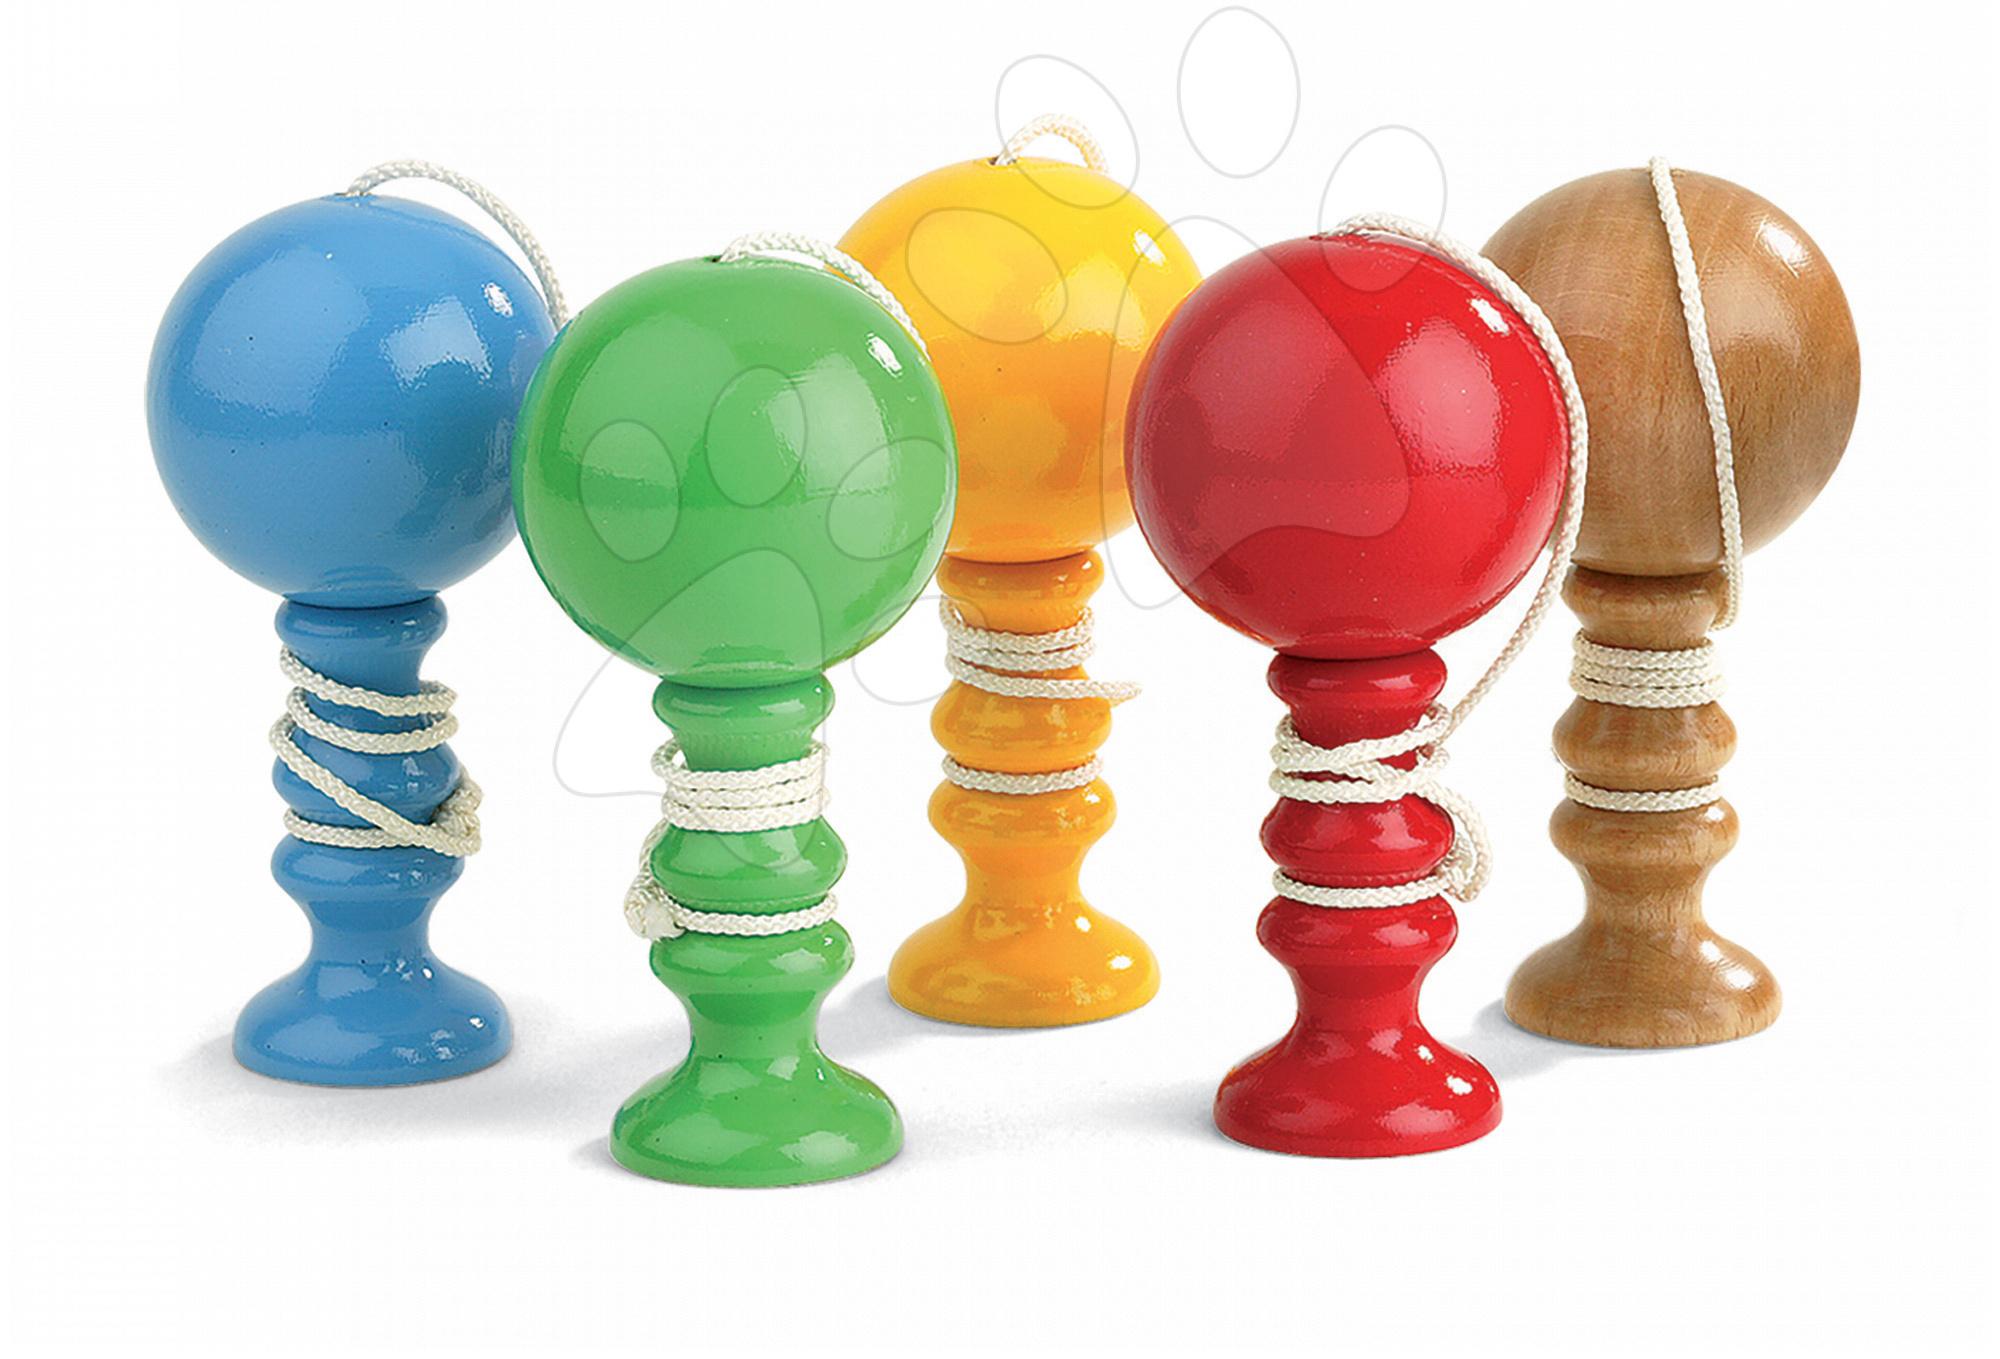 Drevená tradičná hračka Cadet Roussel Cup&Ball Janod od 7 rokov